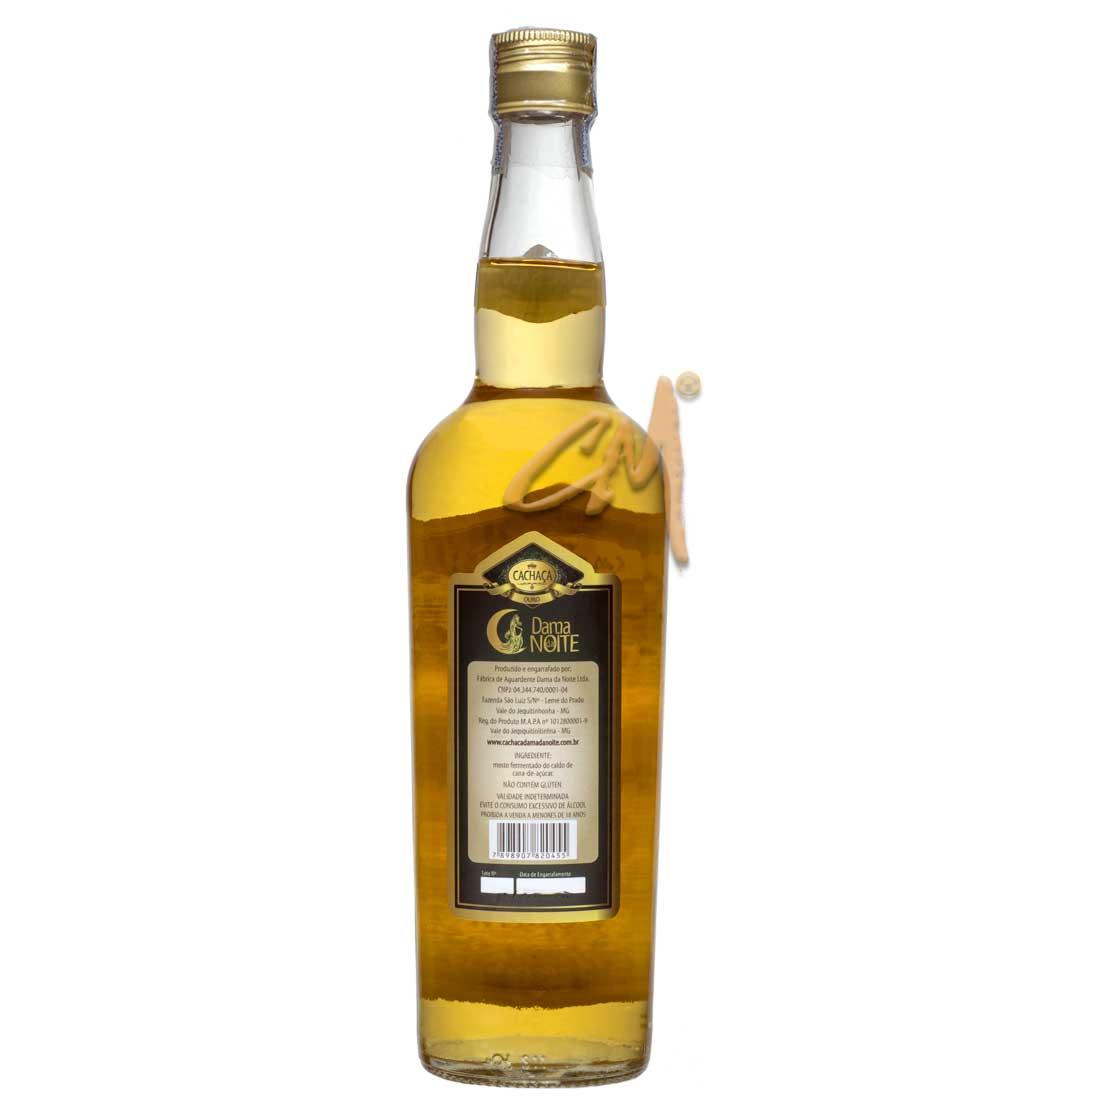 Cachaça Dama da Noite Bálsamo 700 ml (Leme do Prado - MG)